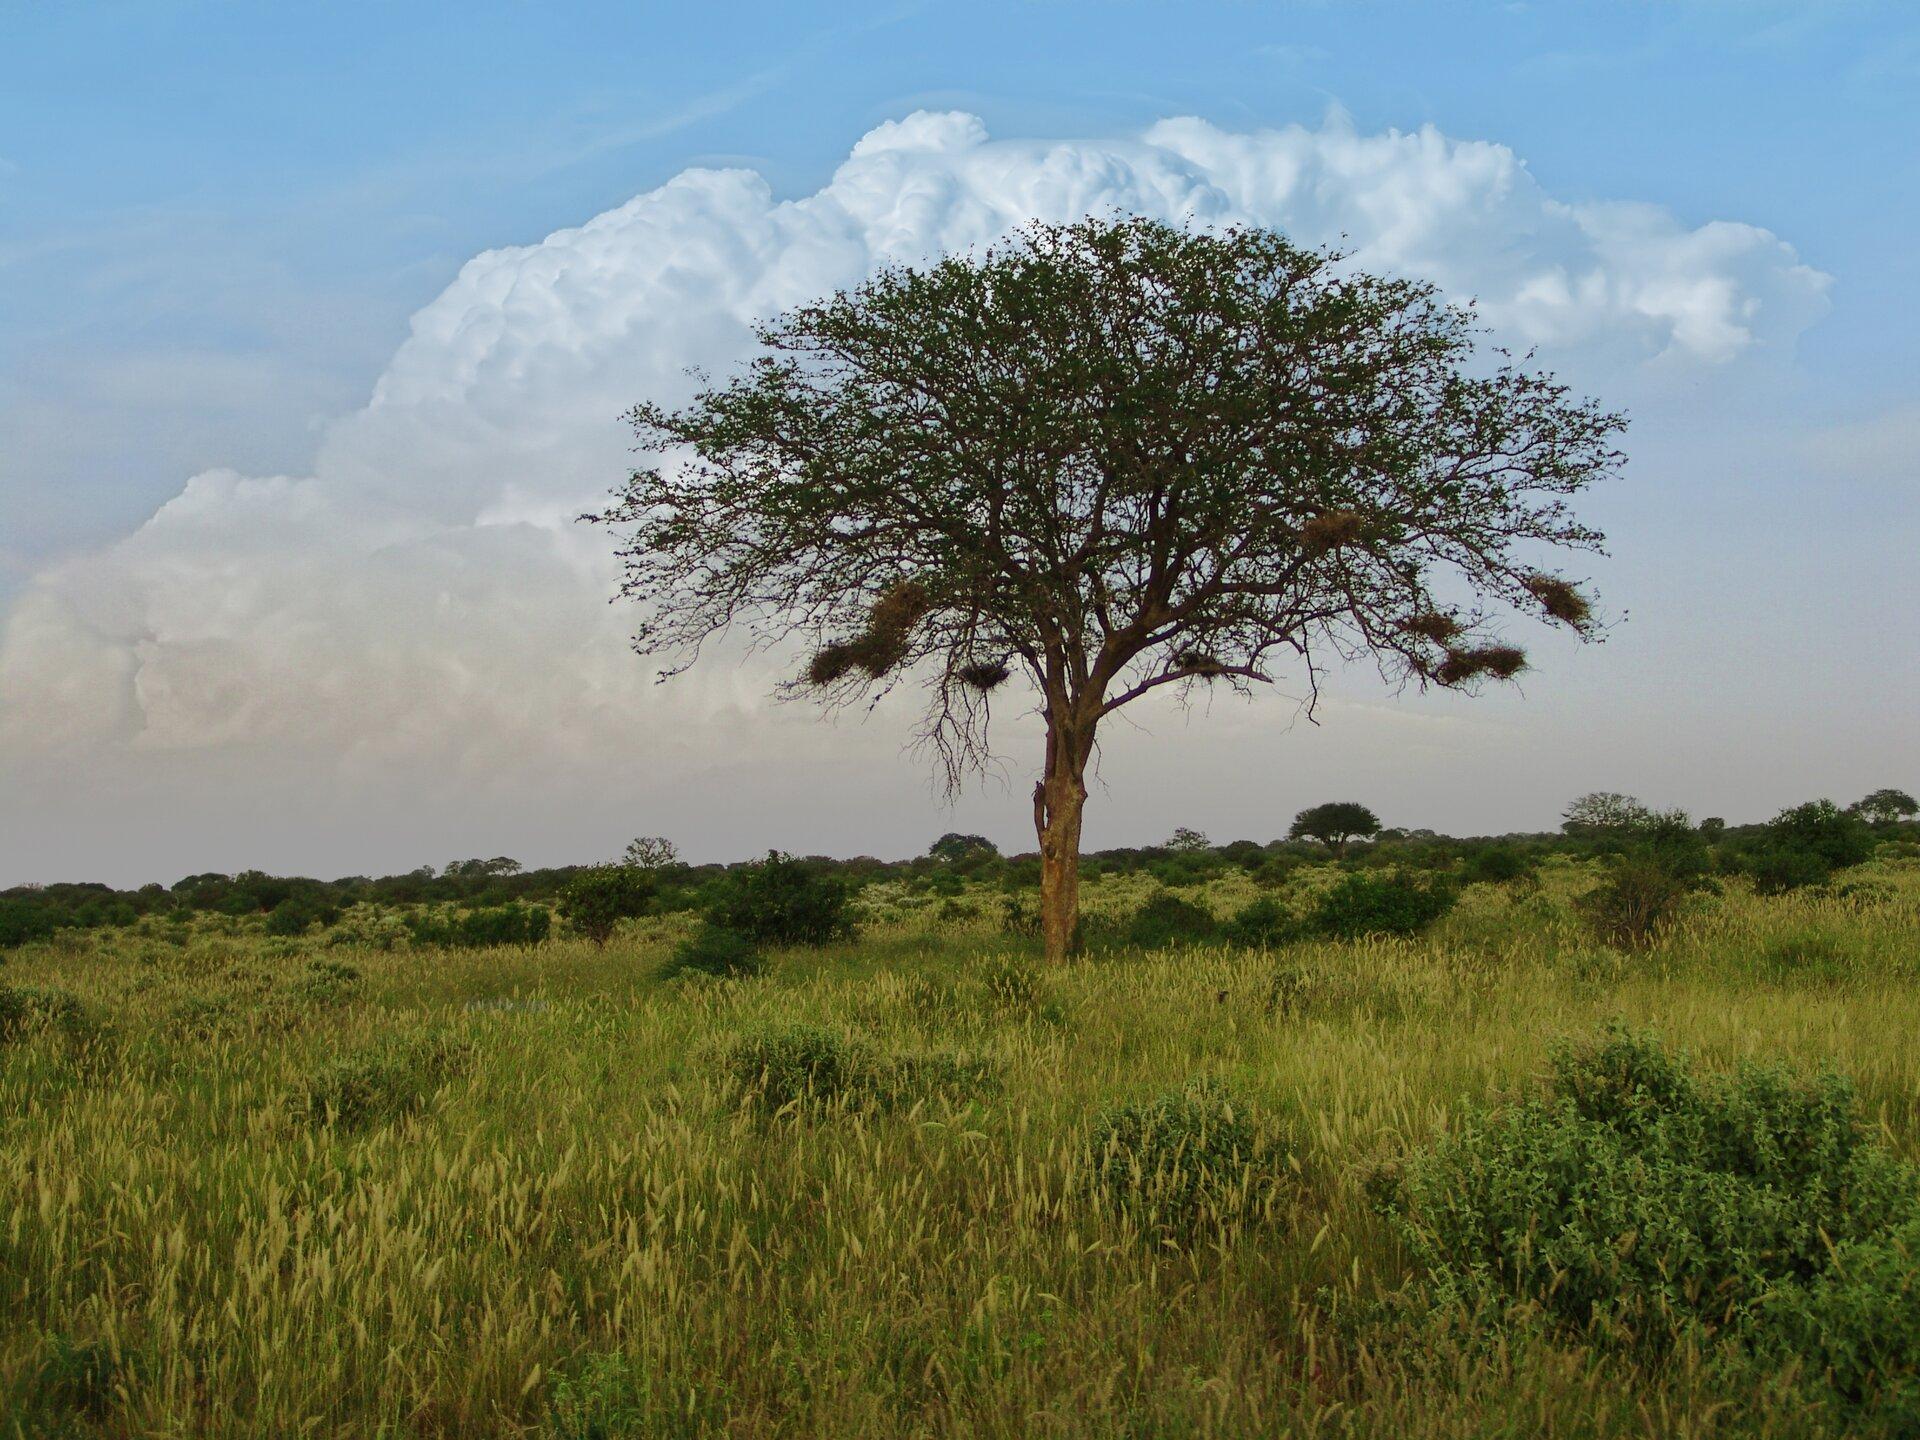 Fotografia przedstawia krajobraz sawanny wporze deszczowej. Trawy rosną bujnie, krzewy idrzewa mają ciemnozielone liście. Zgałęzi akacji wcentrum zwisają gniazda ptaków wkształcie worków.